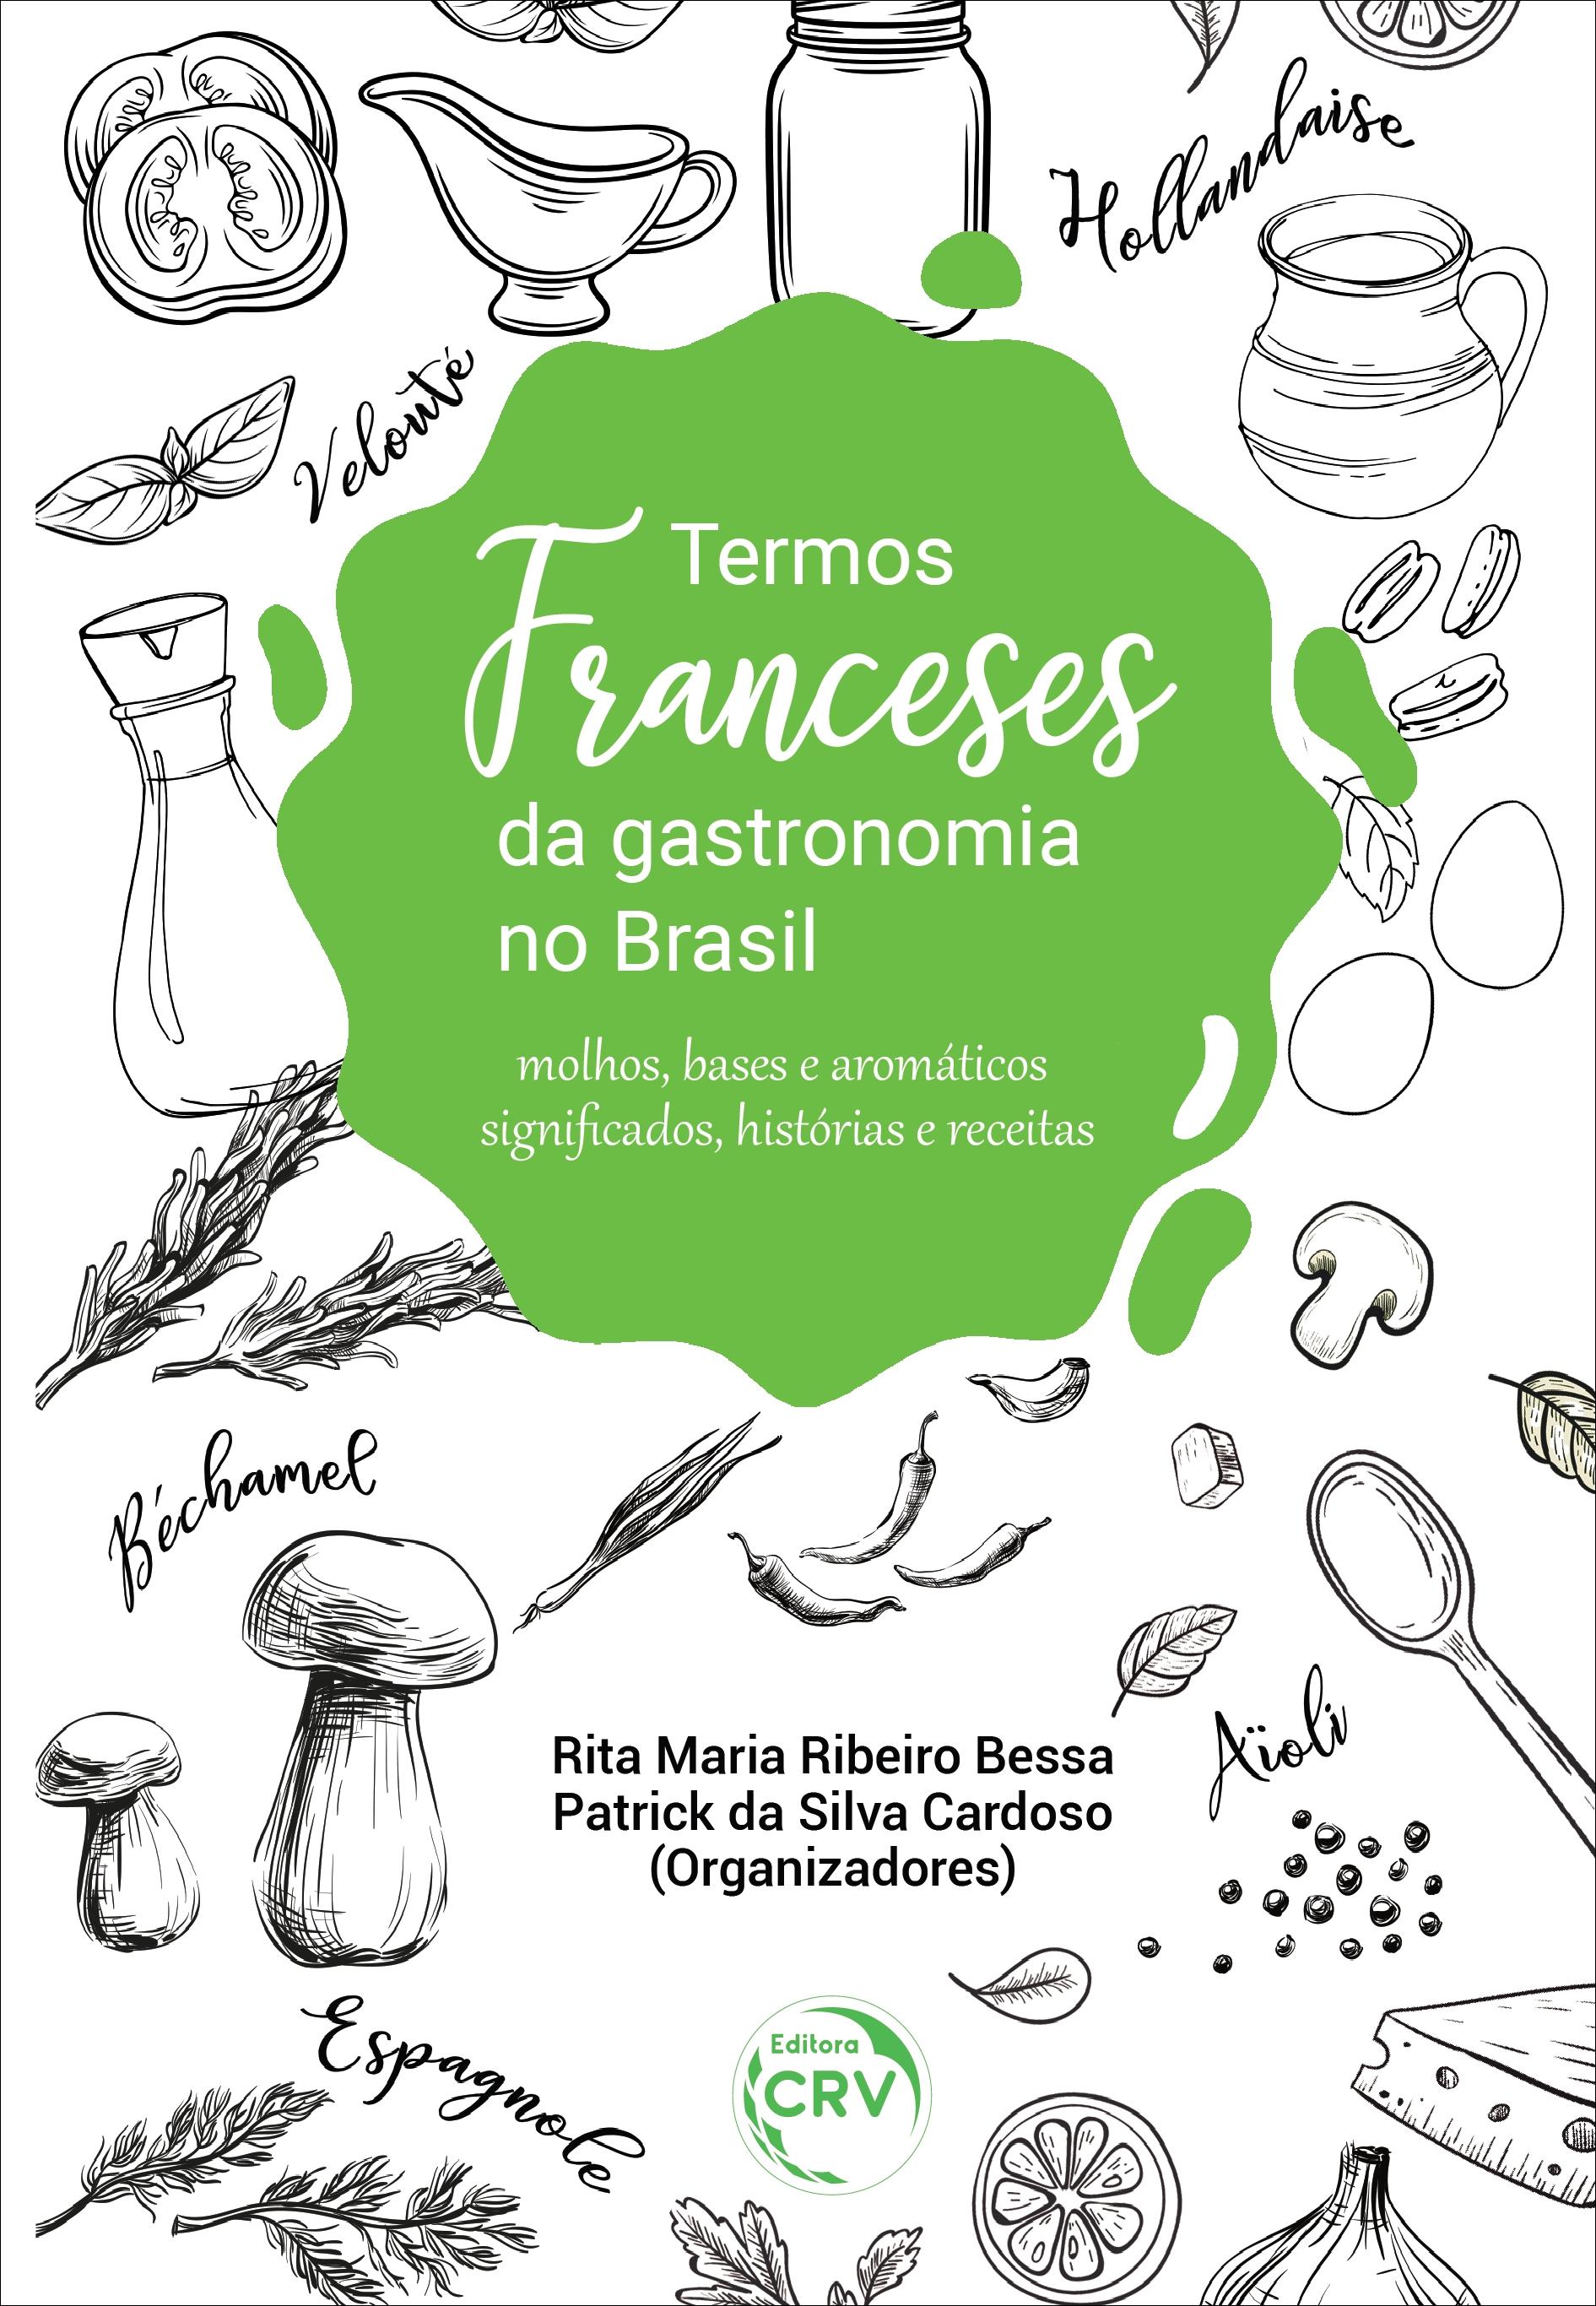 Capa do livro: TERMOS FRANCESES DA GASTRONOMIA NO BRASIL: <br>molhos, bases e aromáticos significados, histórias e receitas